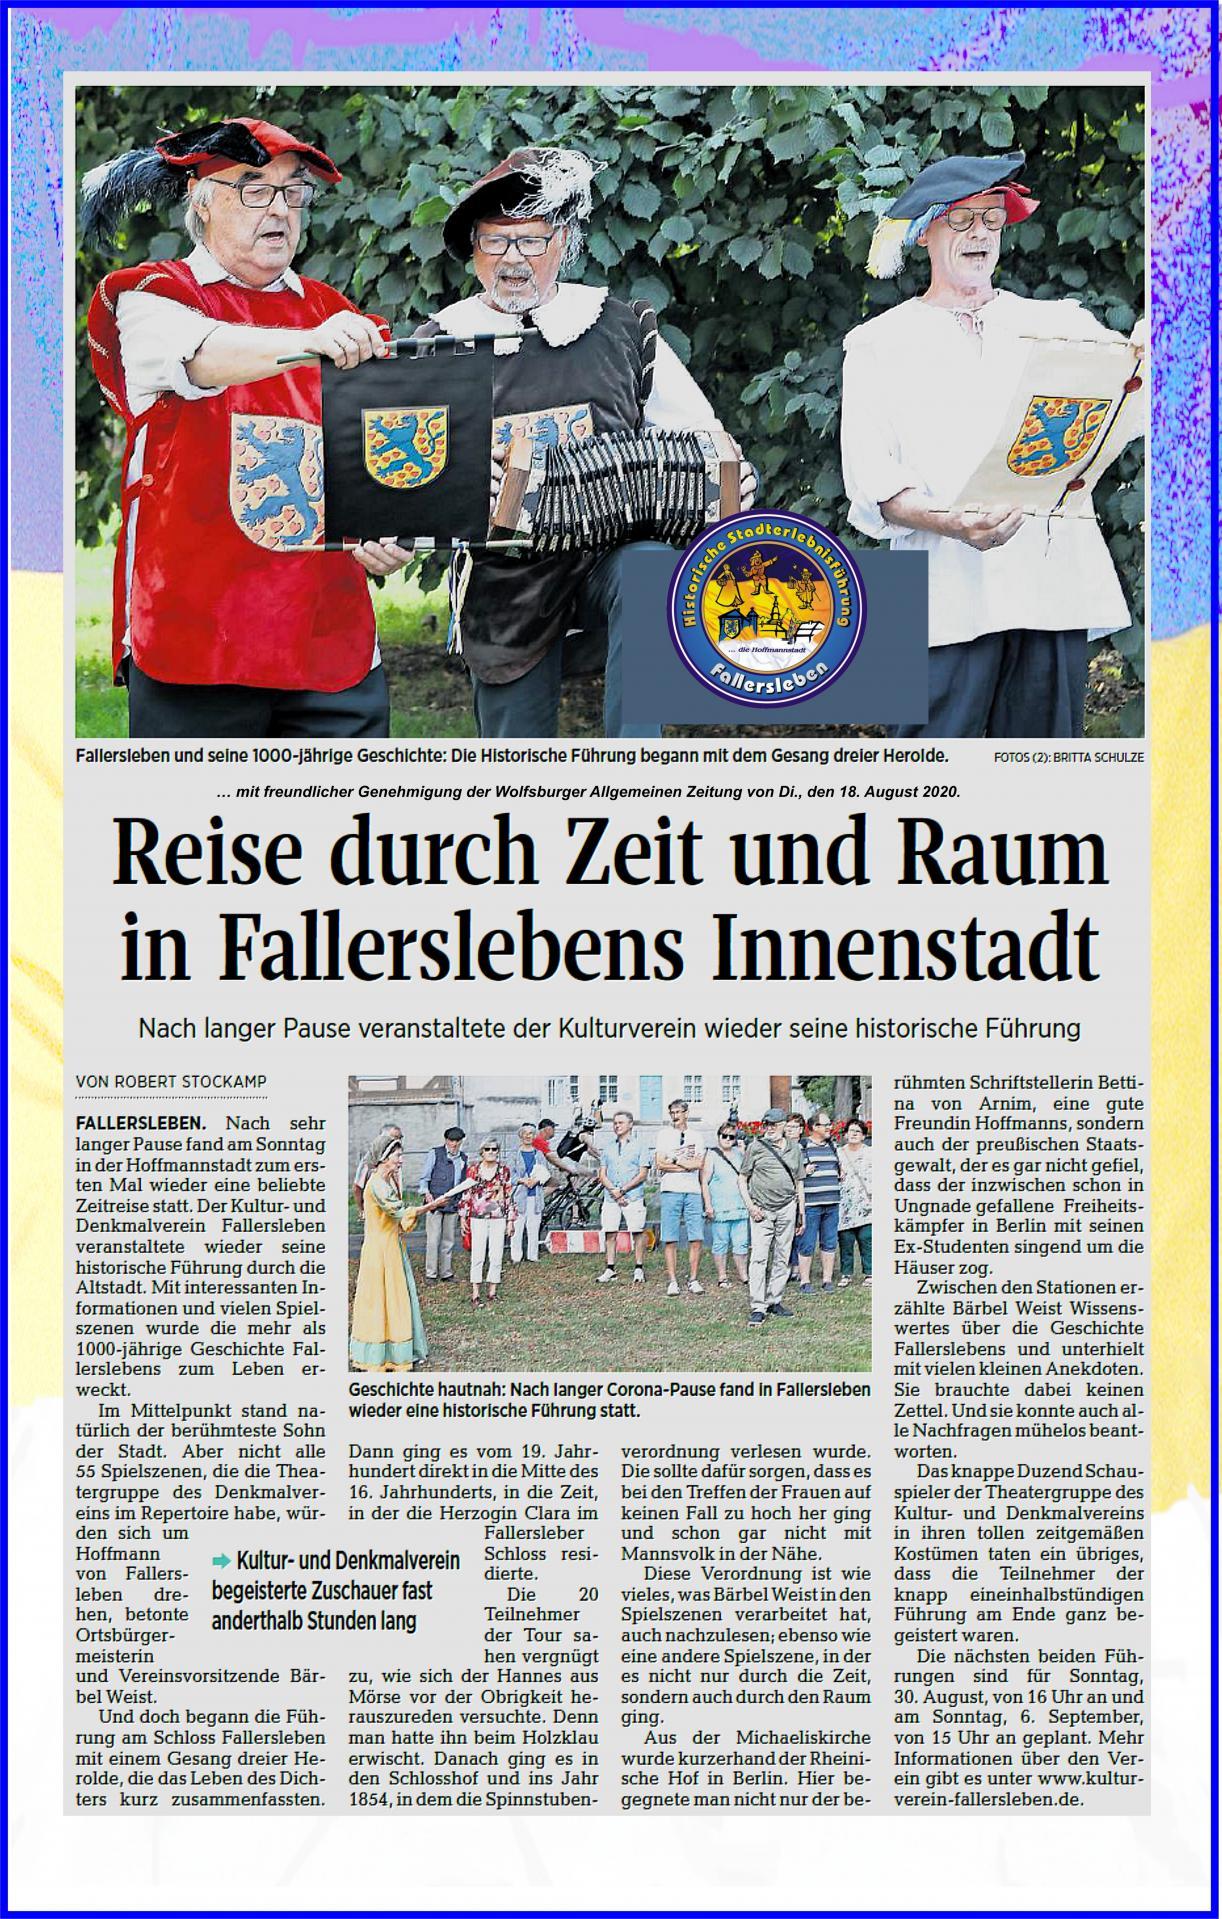 Erste Stadtführung durch Fallersleben am So., 16.08.2020